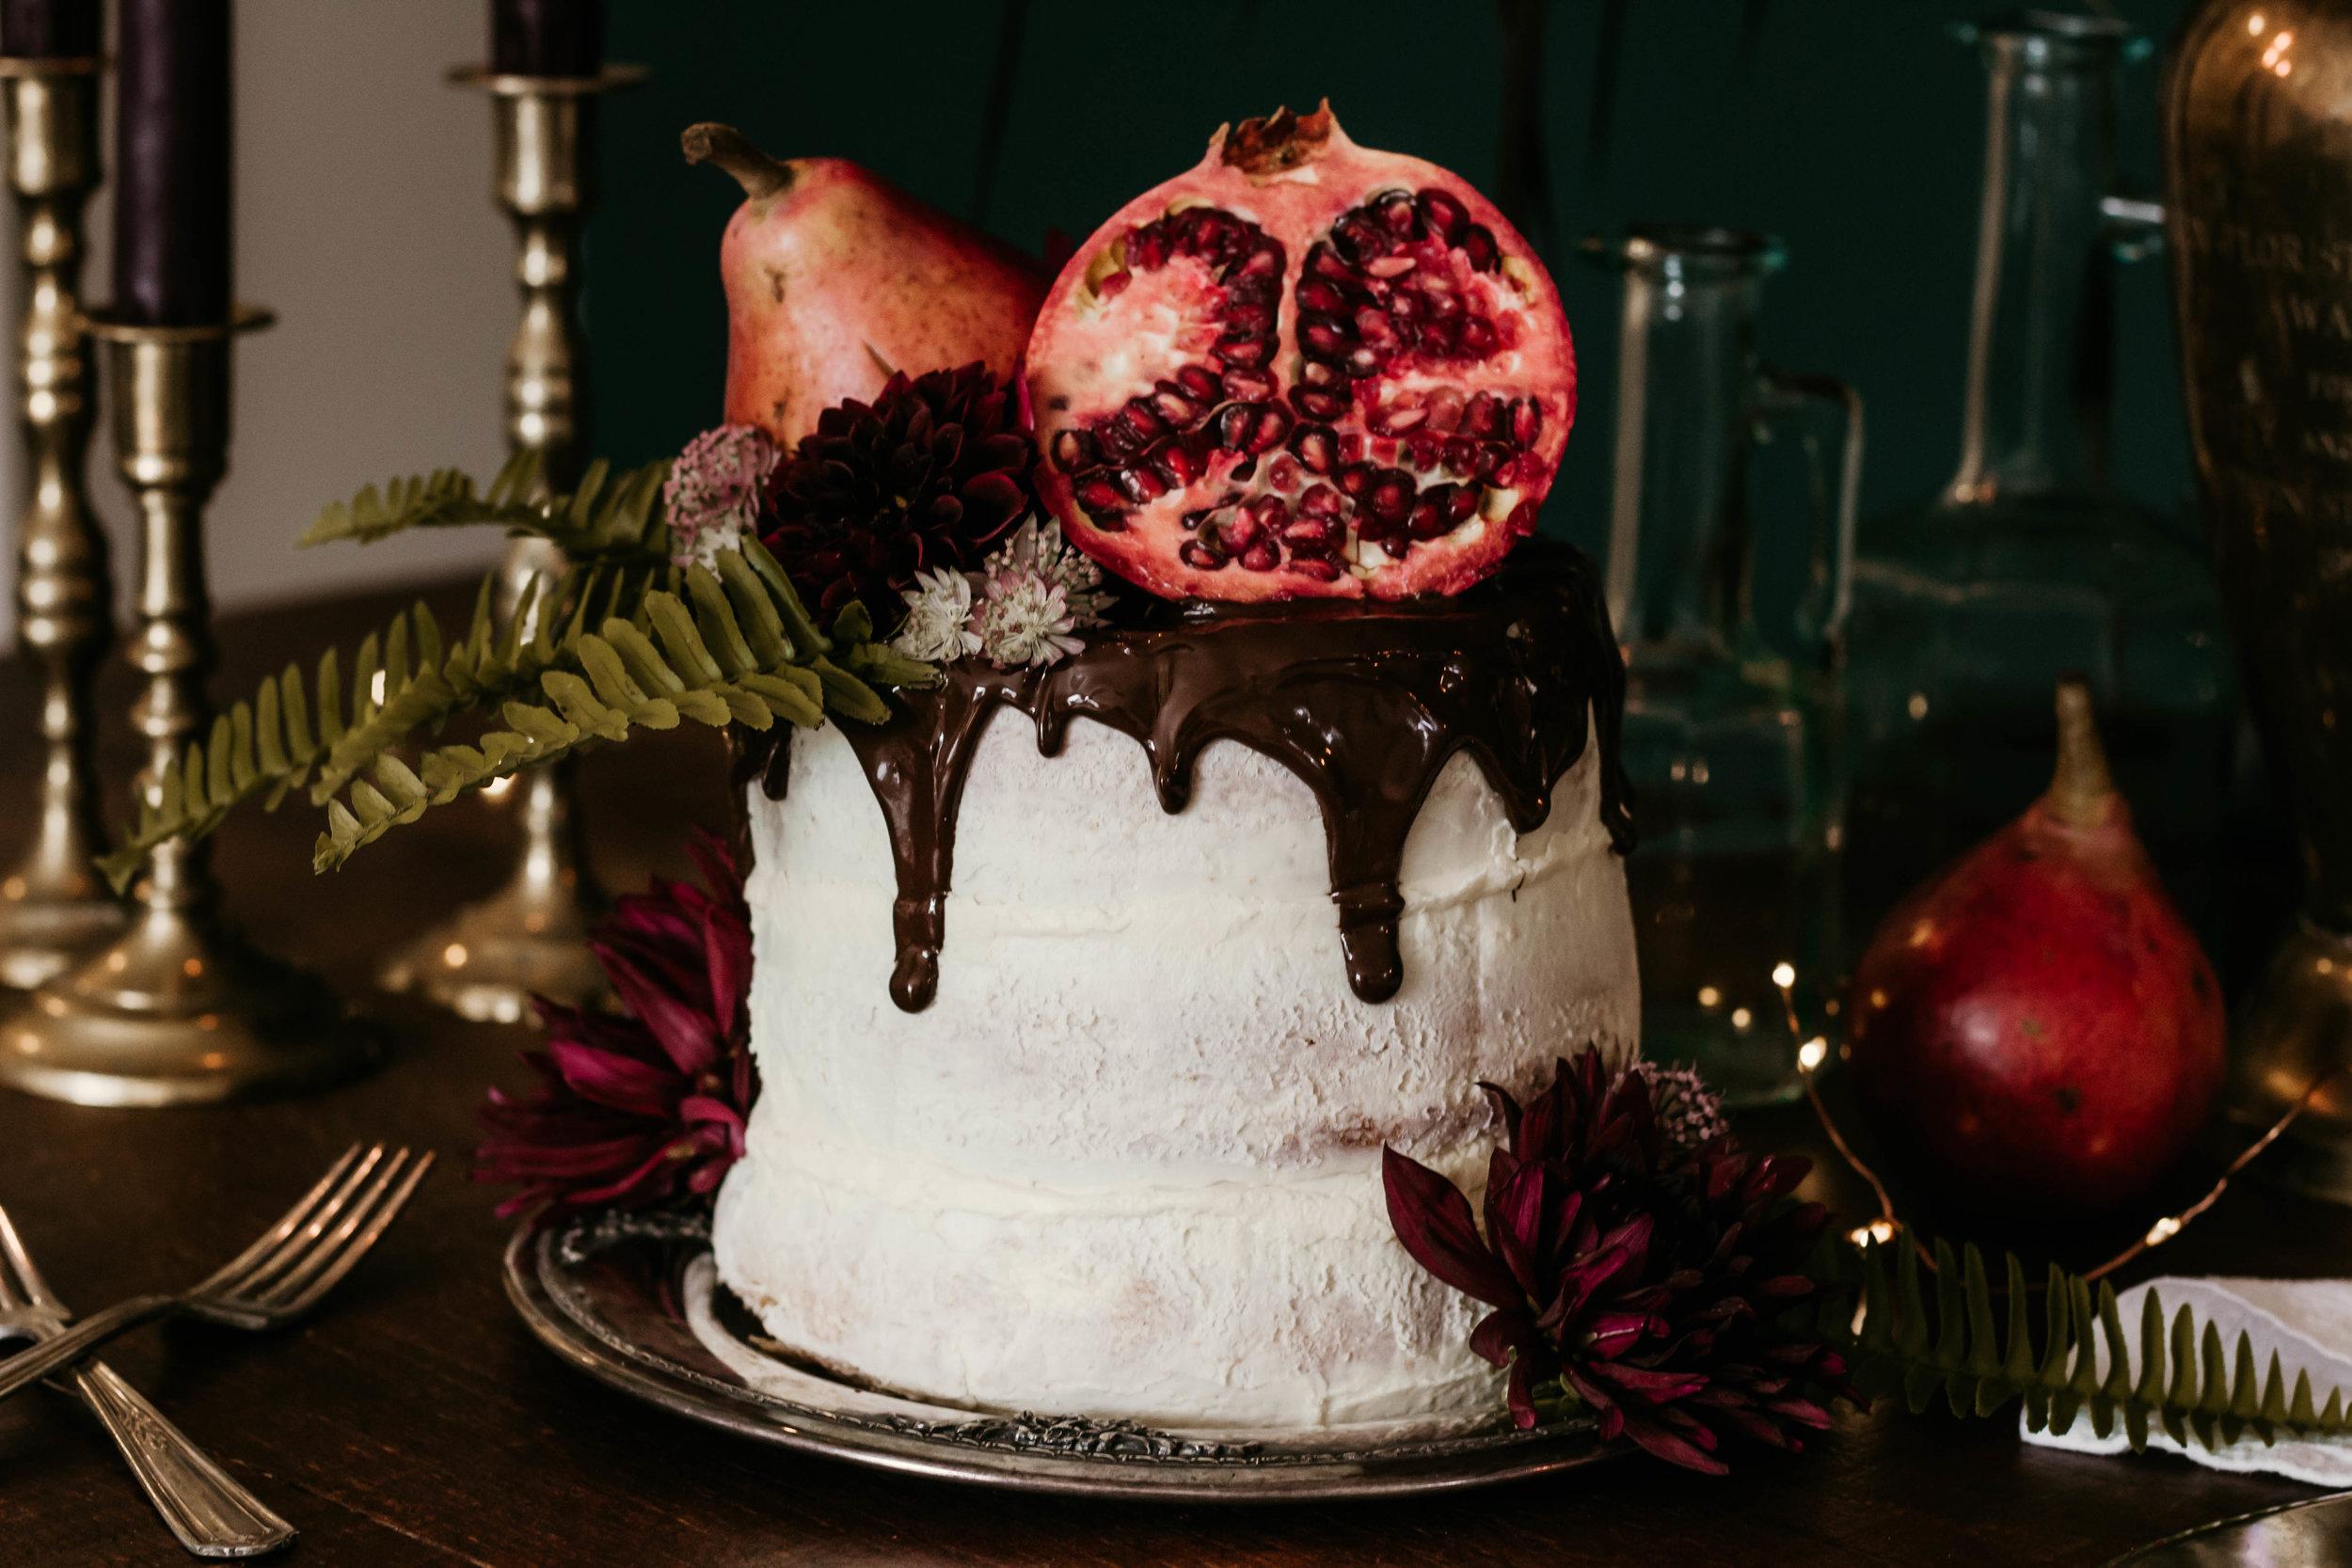 Cake Design by owner of R&Co (@rosielleandco // rosielleandco.com), Rosie Tiede.